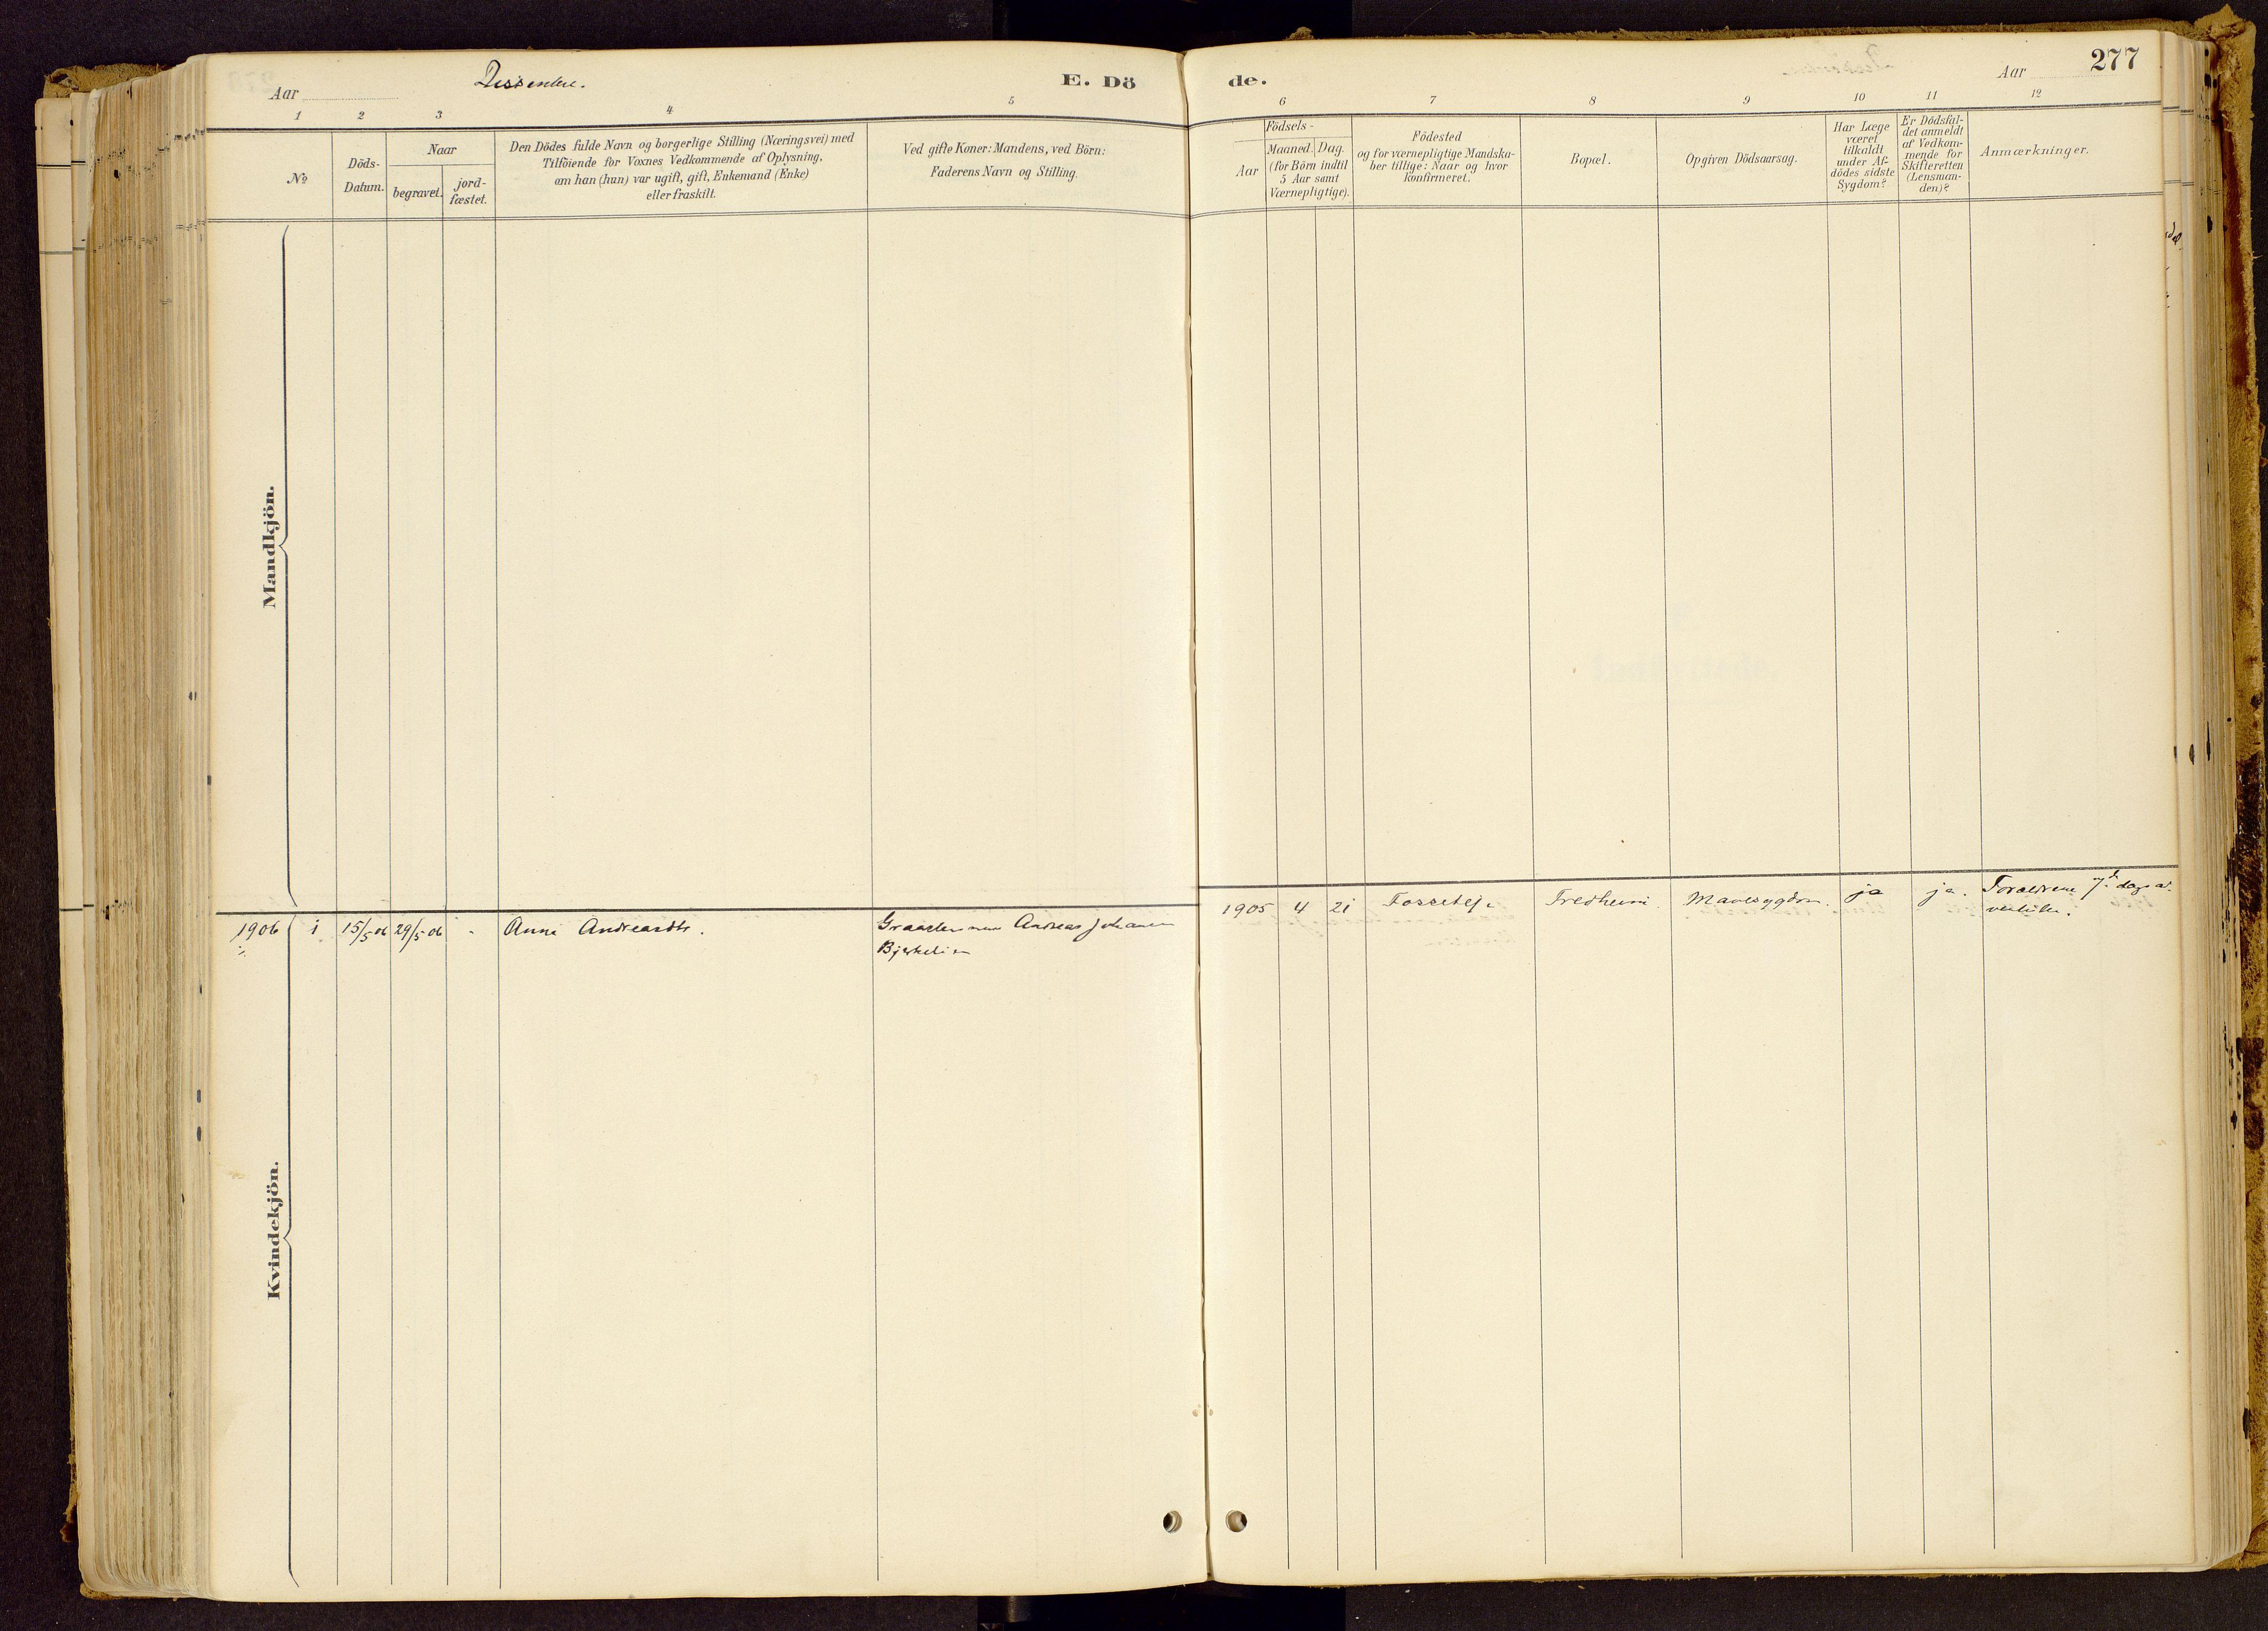 SAH, Vestre Gausdal prestekontor, Parish register (official) no. 1, 1887-1914, p. 277